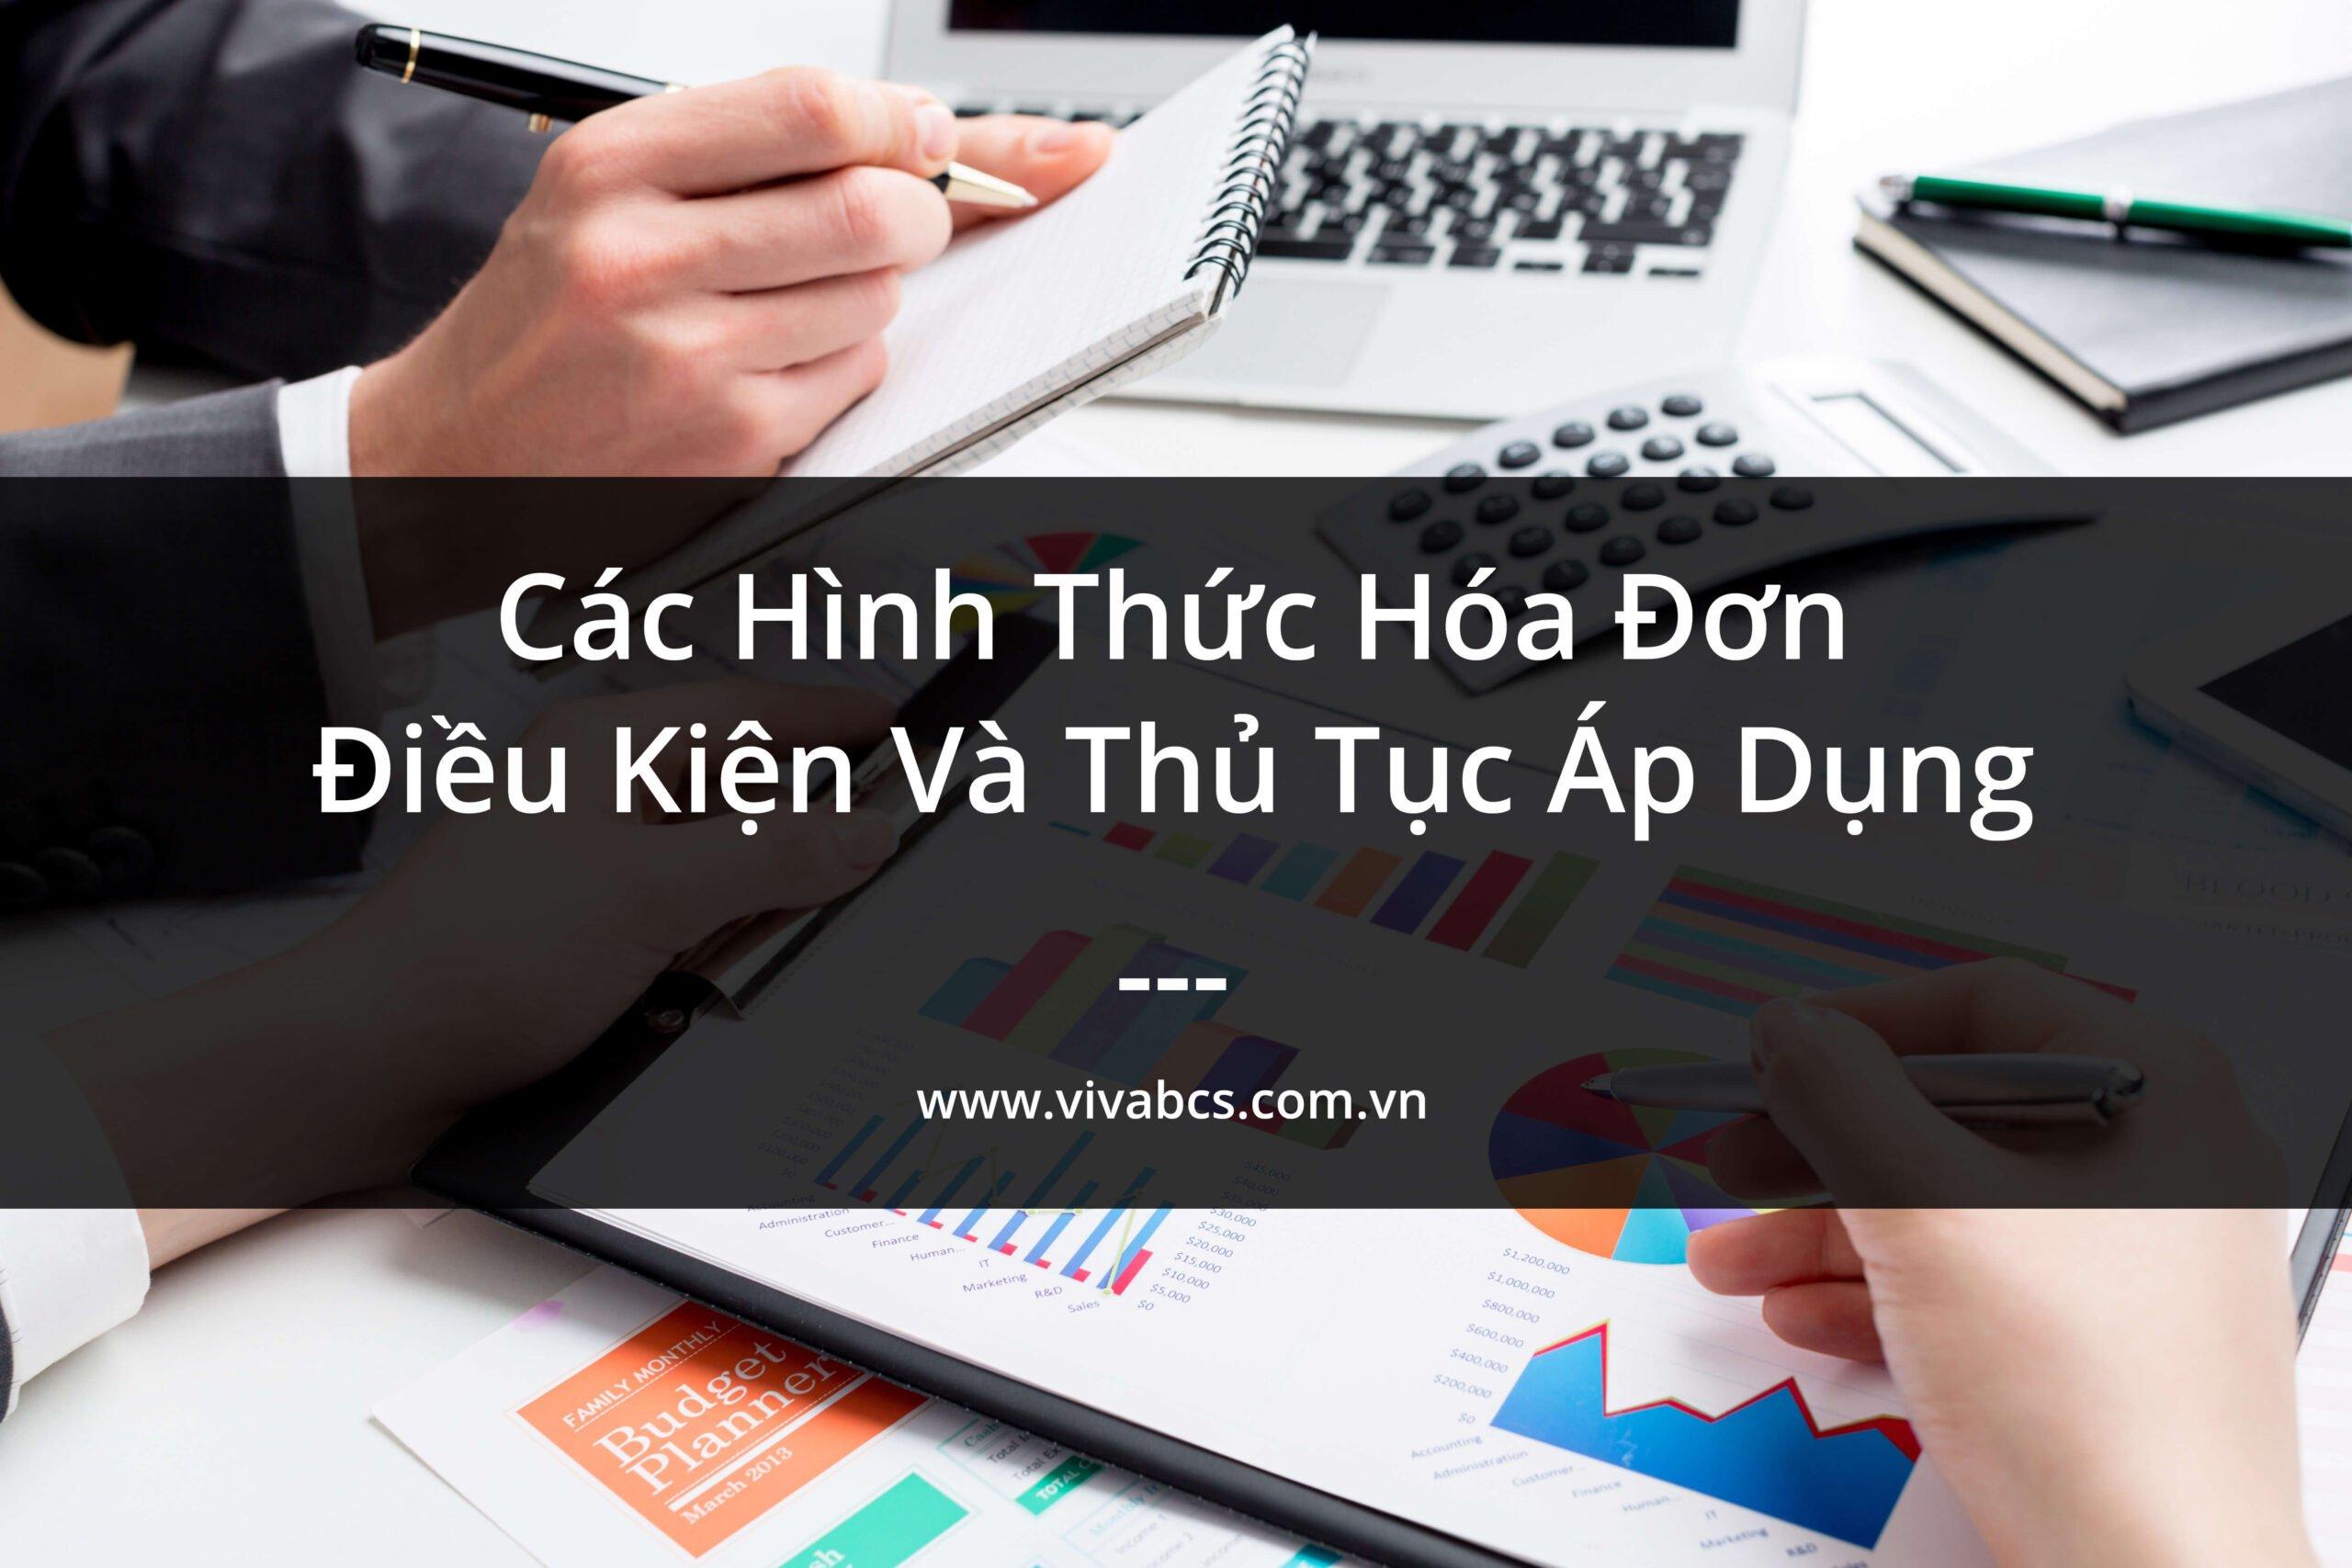 Các hình thức hóa đơn tại Việt Nam - điều kiện áp dụng